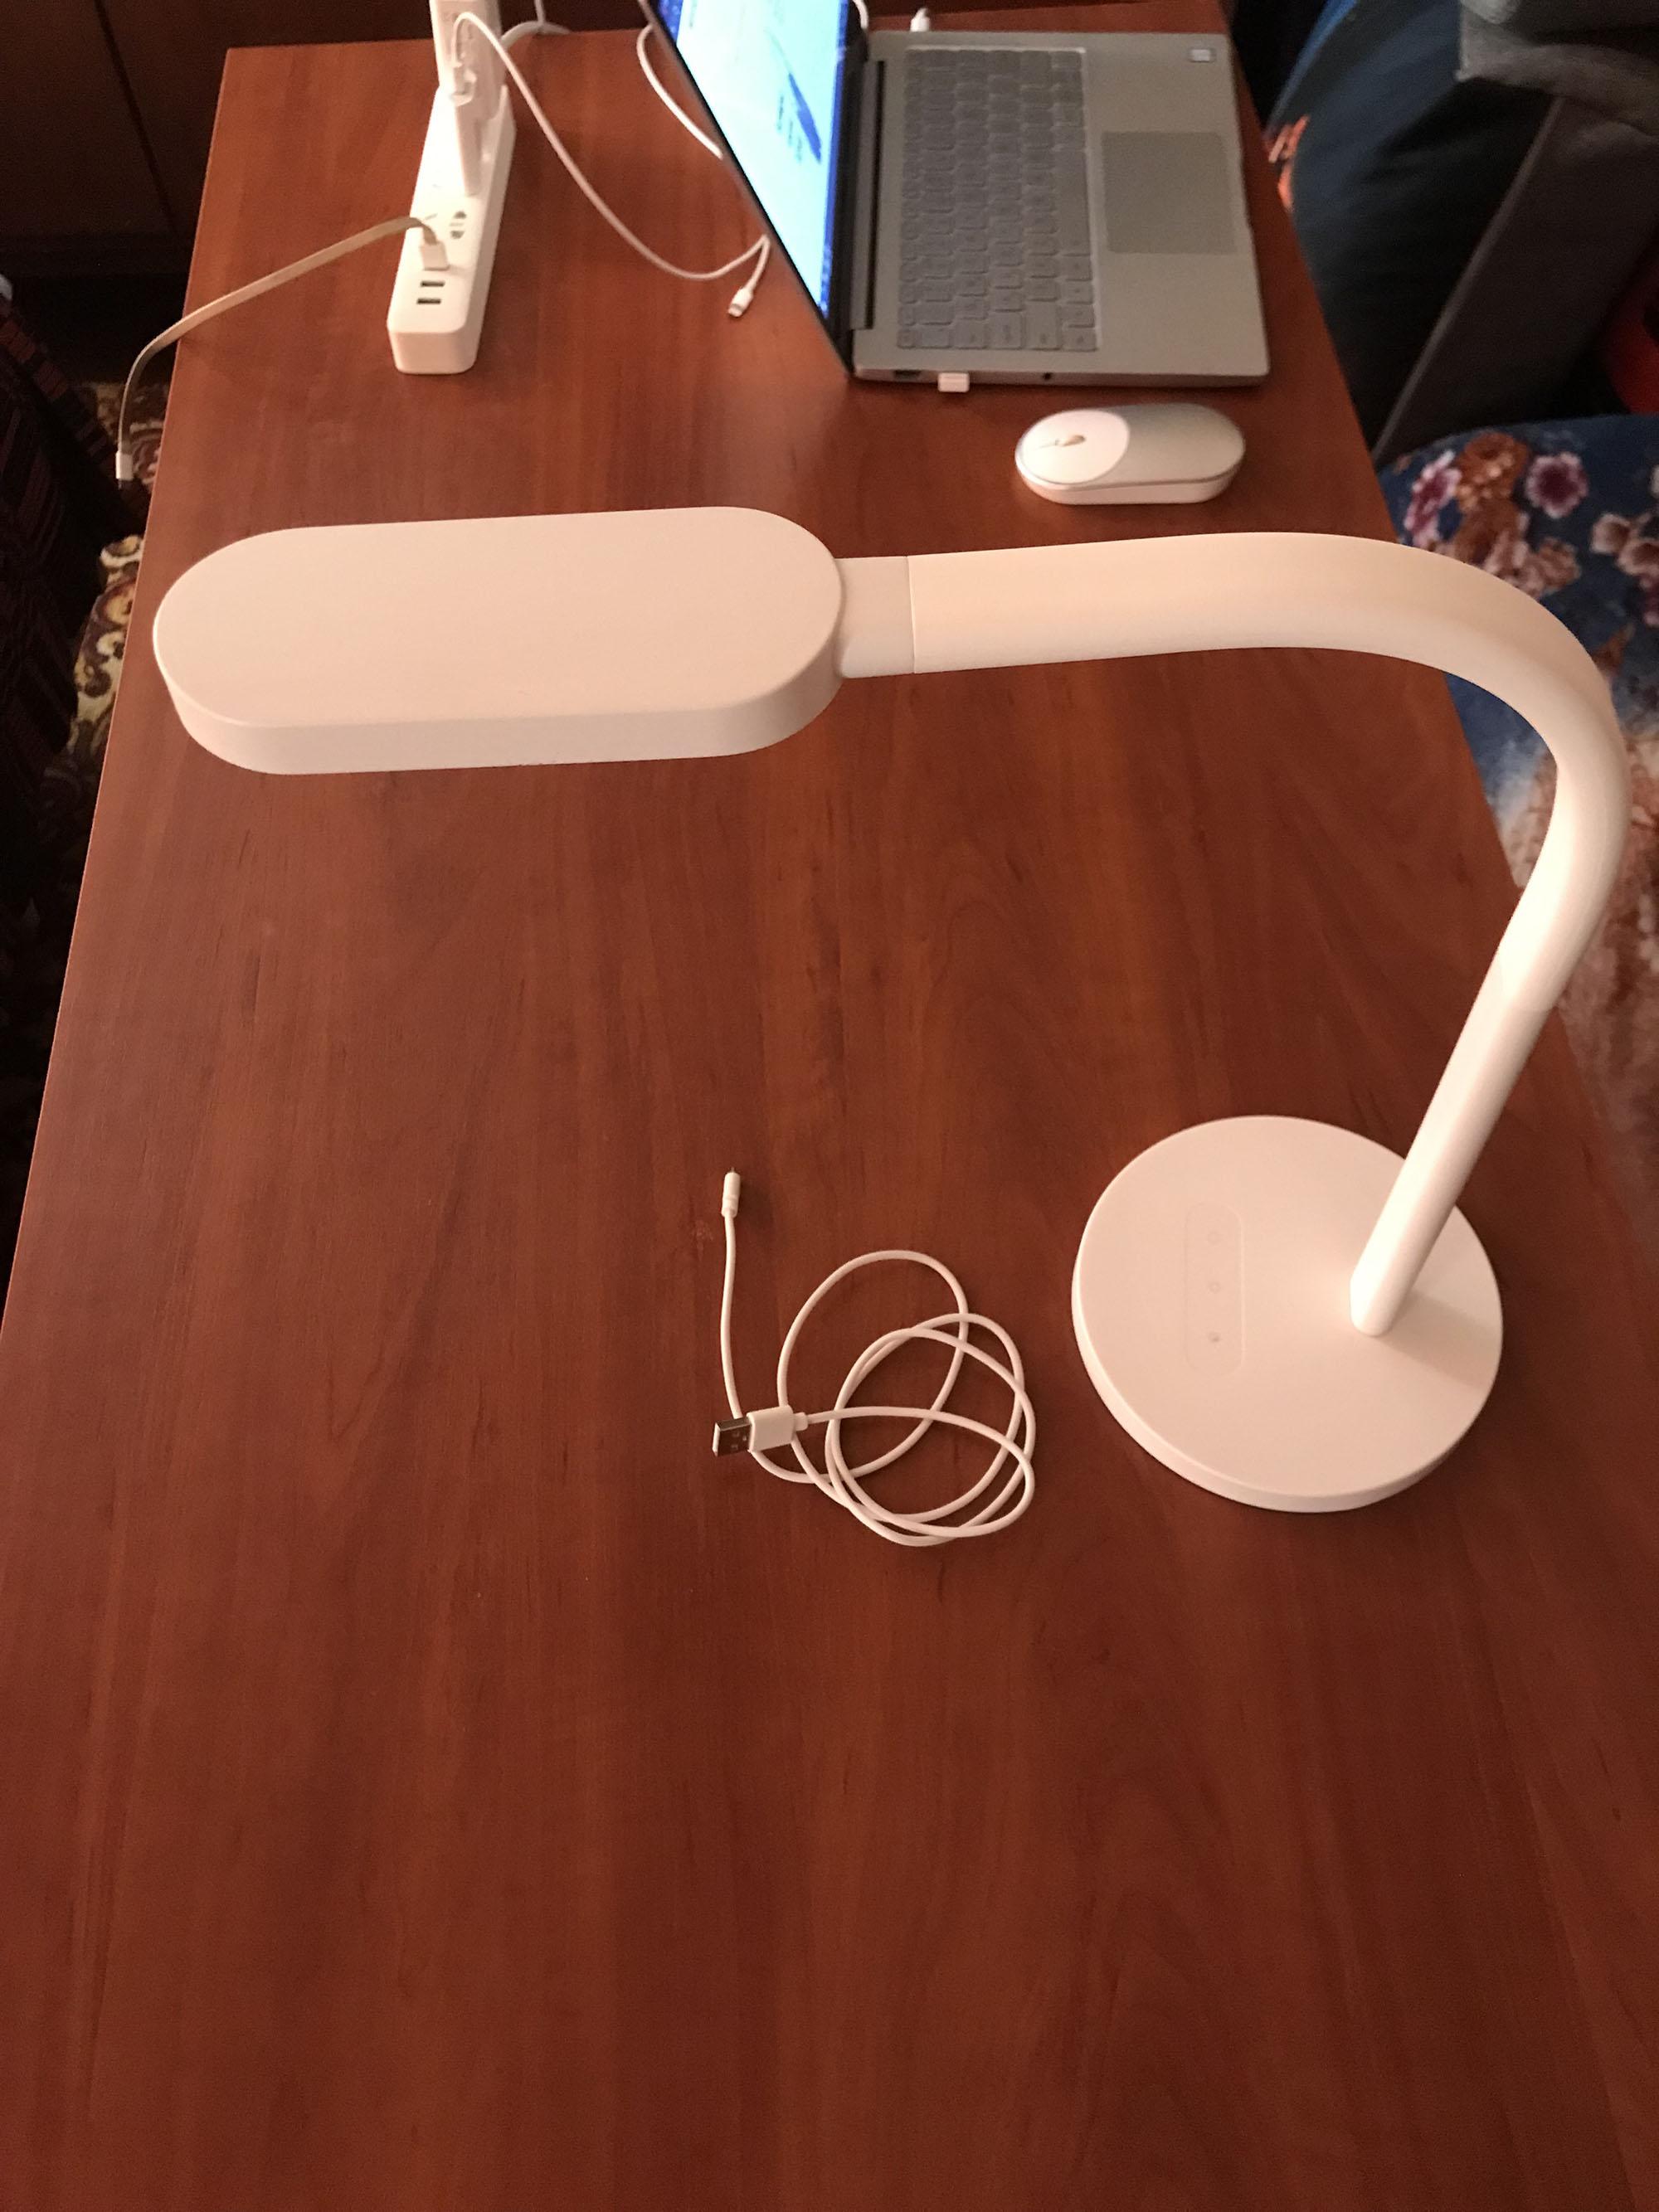 Настольная лампа Xiaomi YeeLight Desk Lamp - отзывы